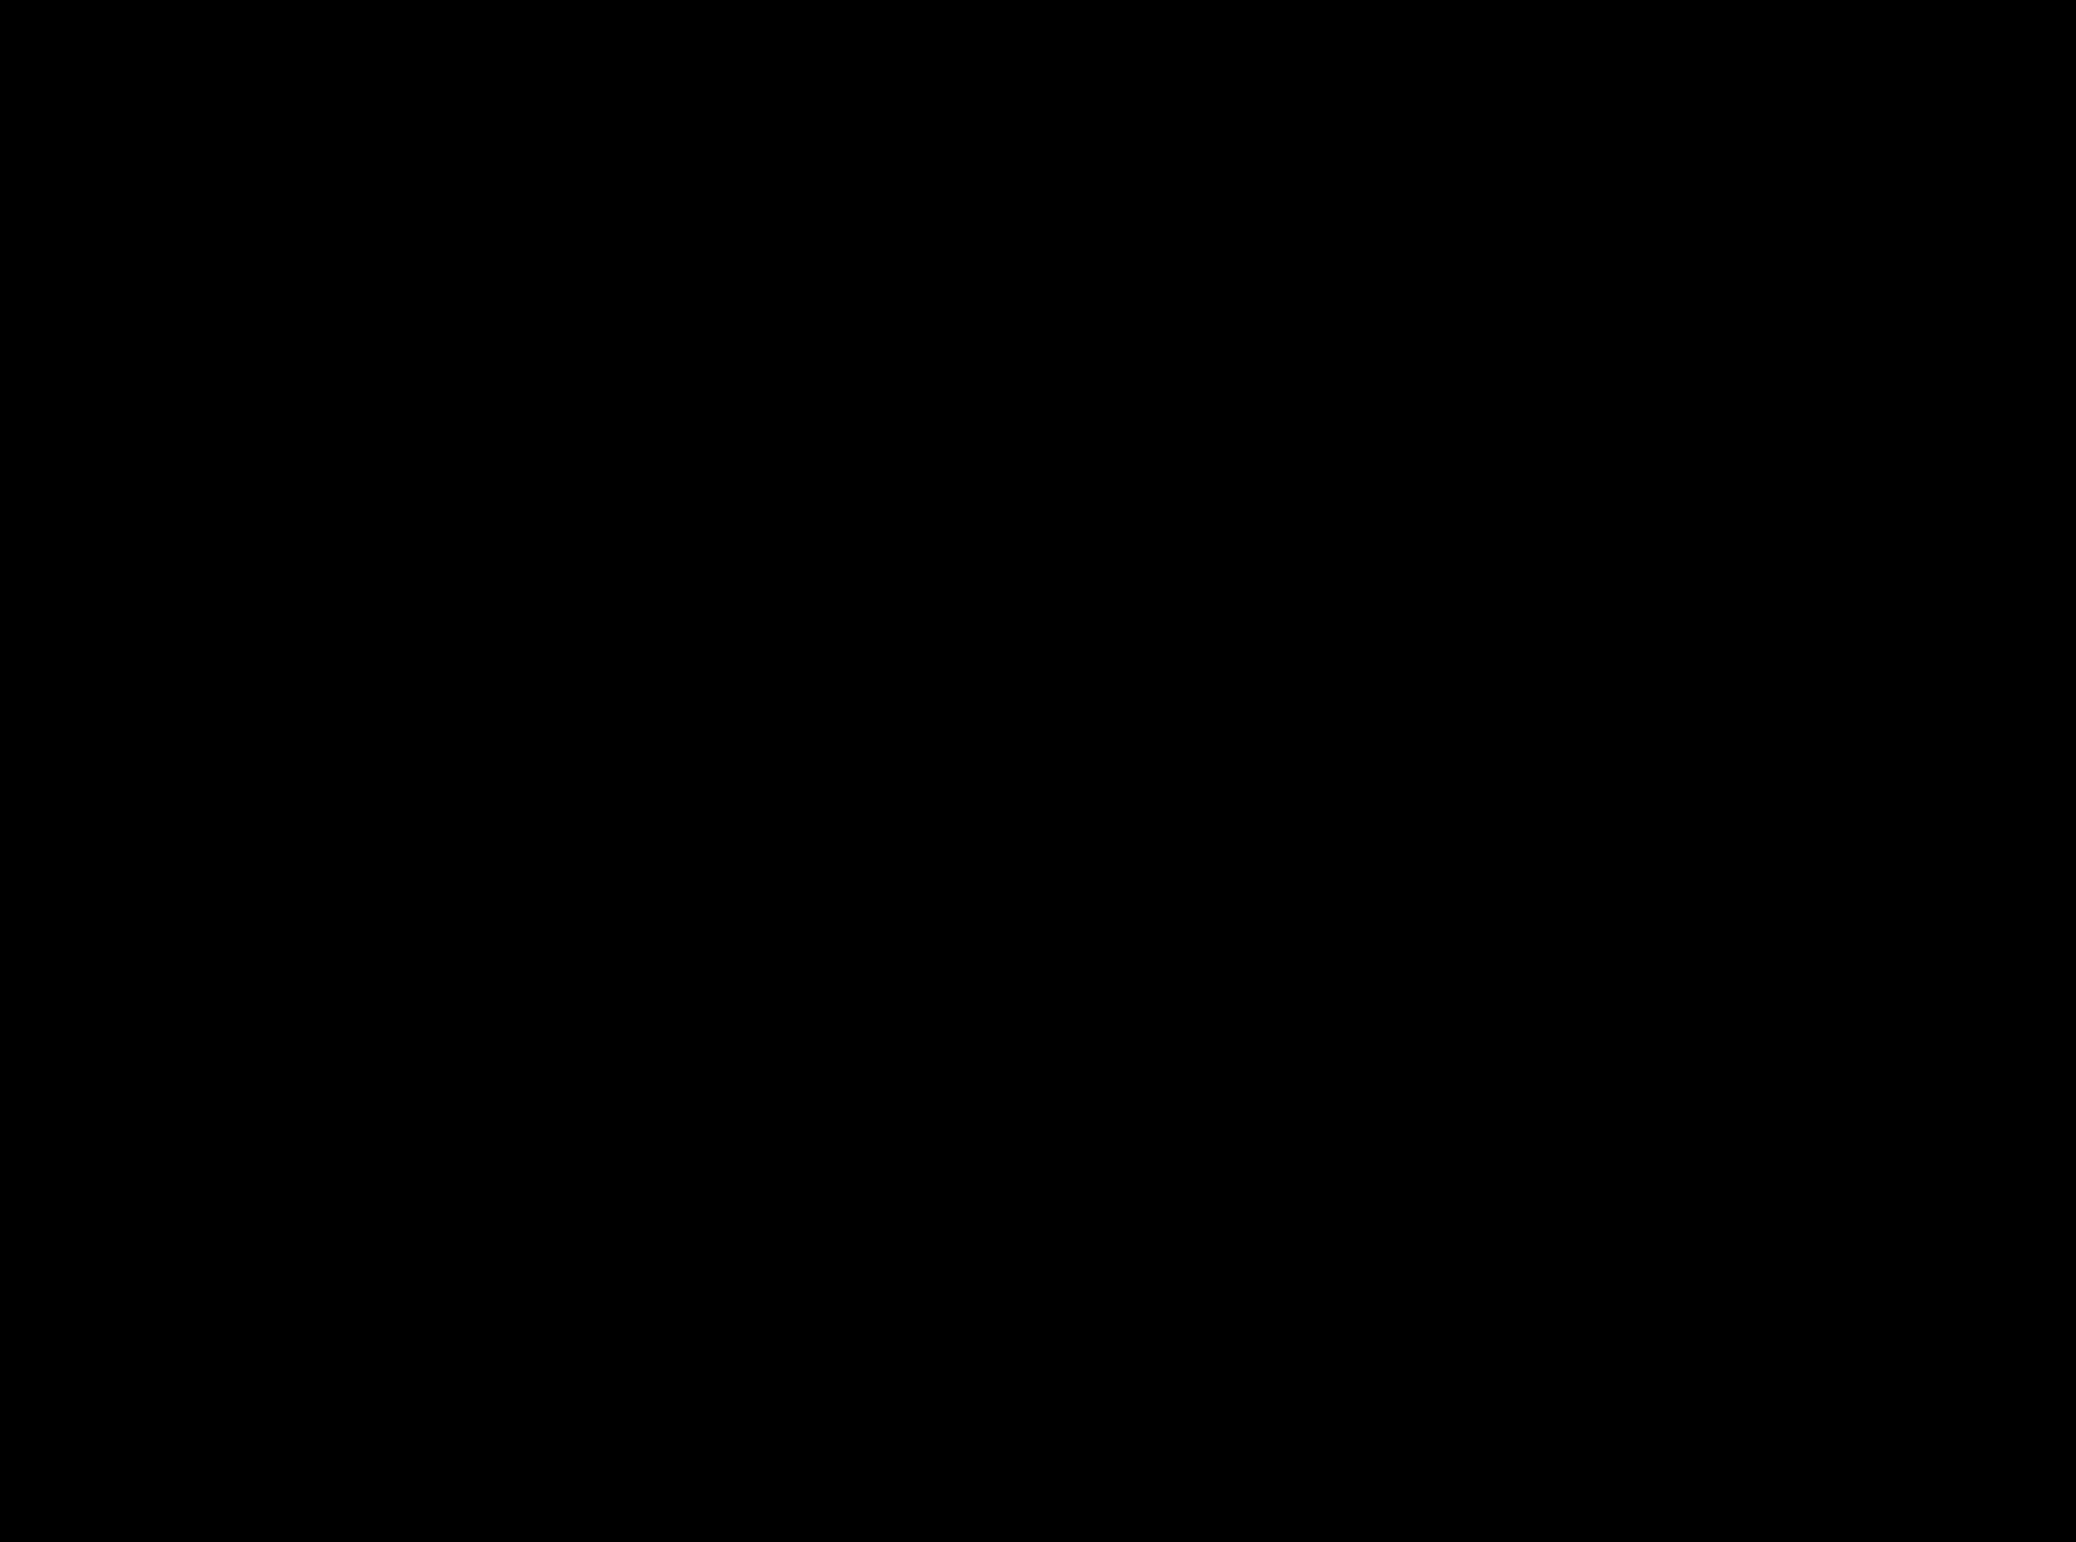 GraphTech PQ-1204-00 TUSQ para Precision Bass 4 cuerdas